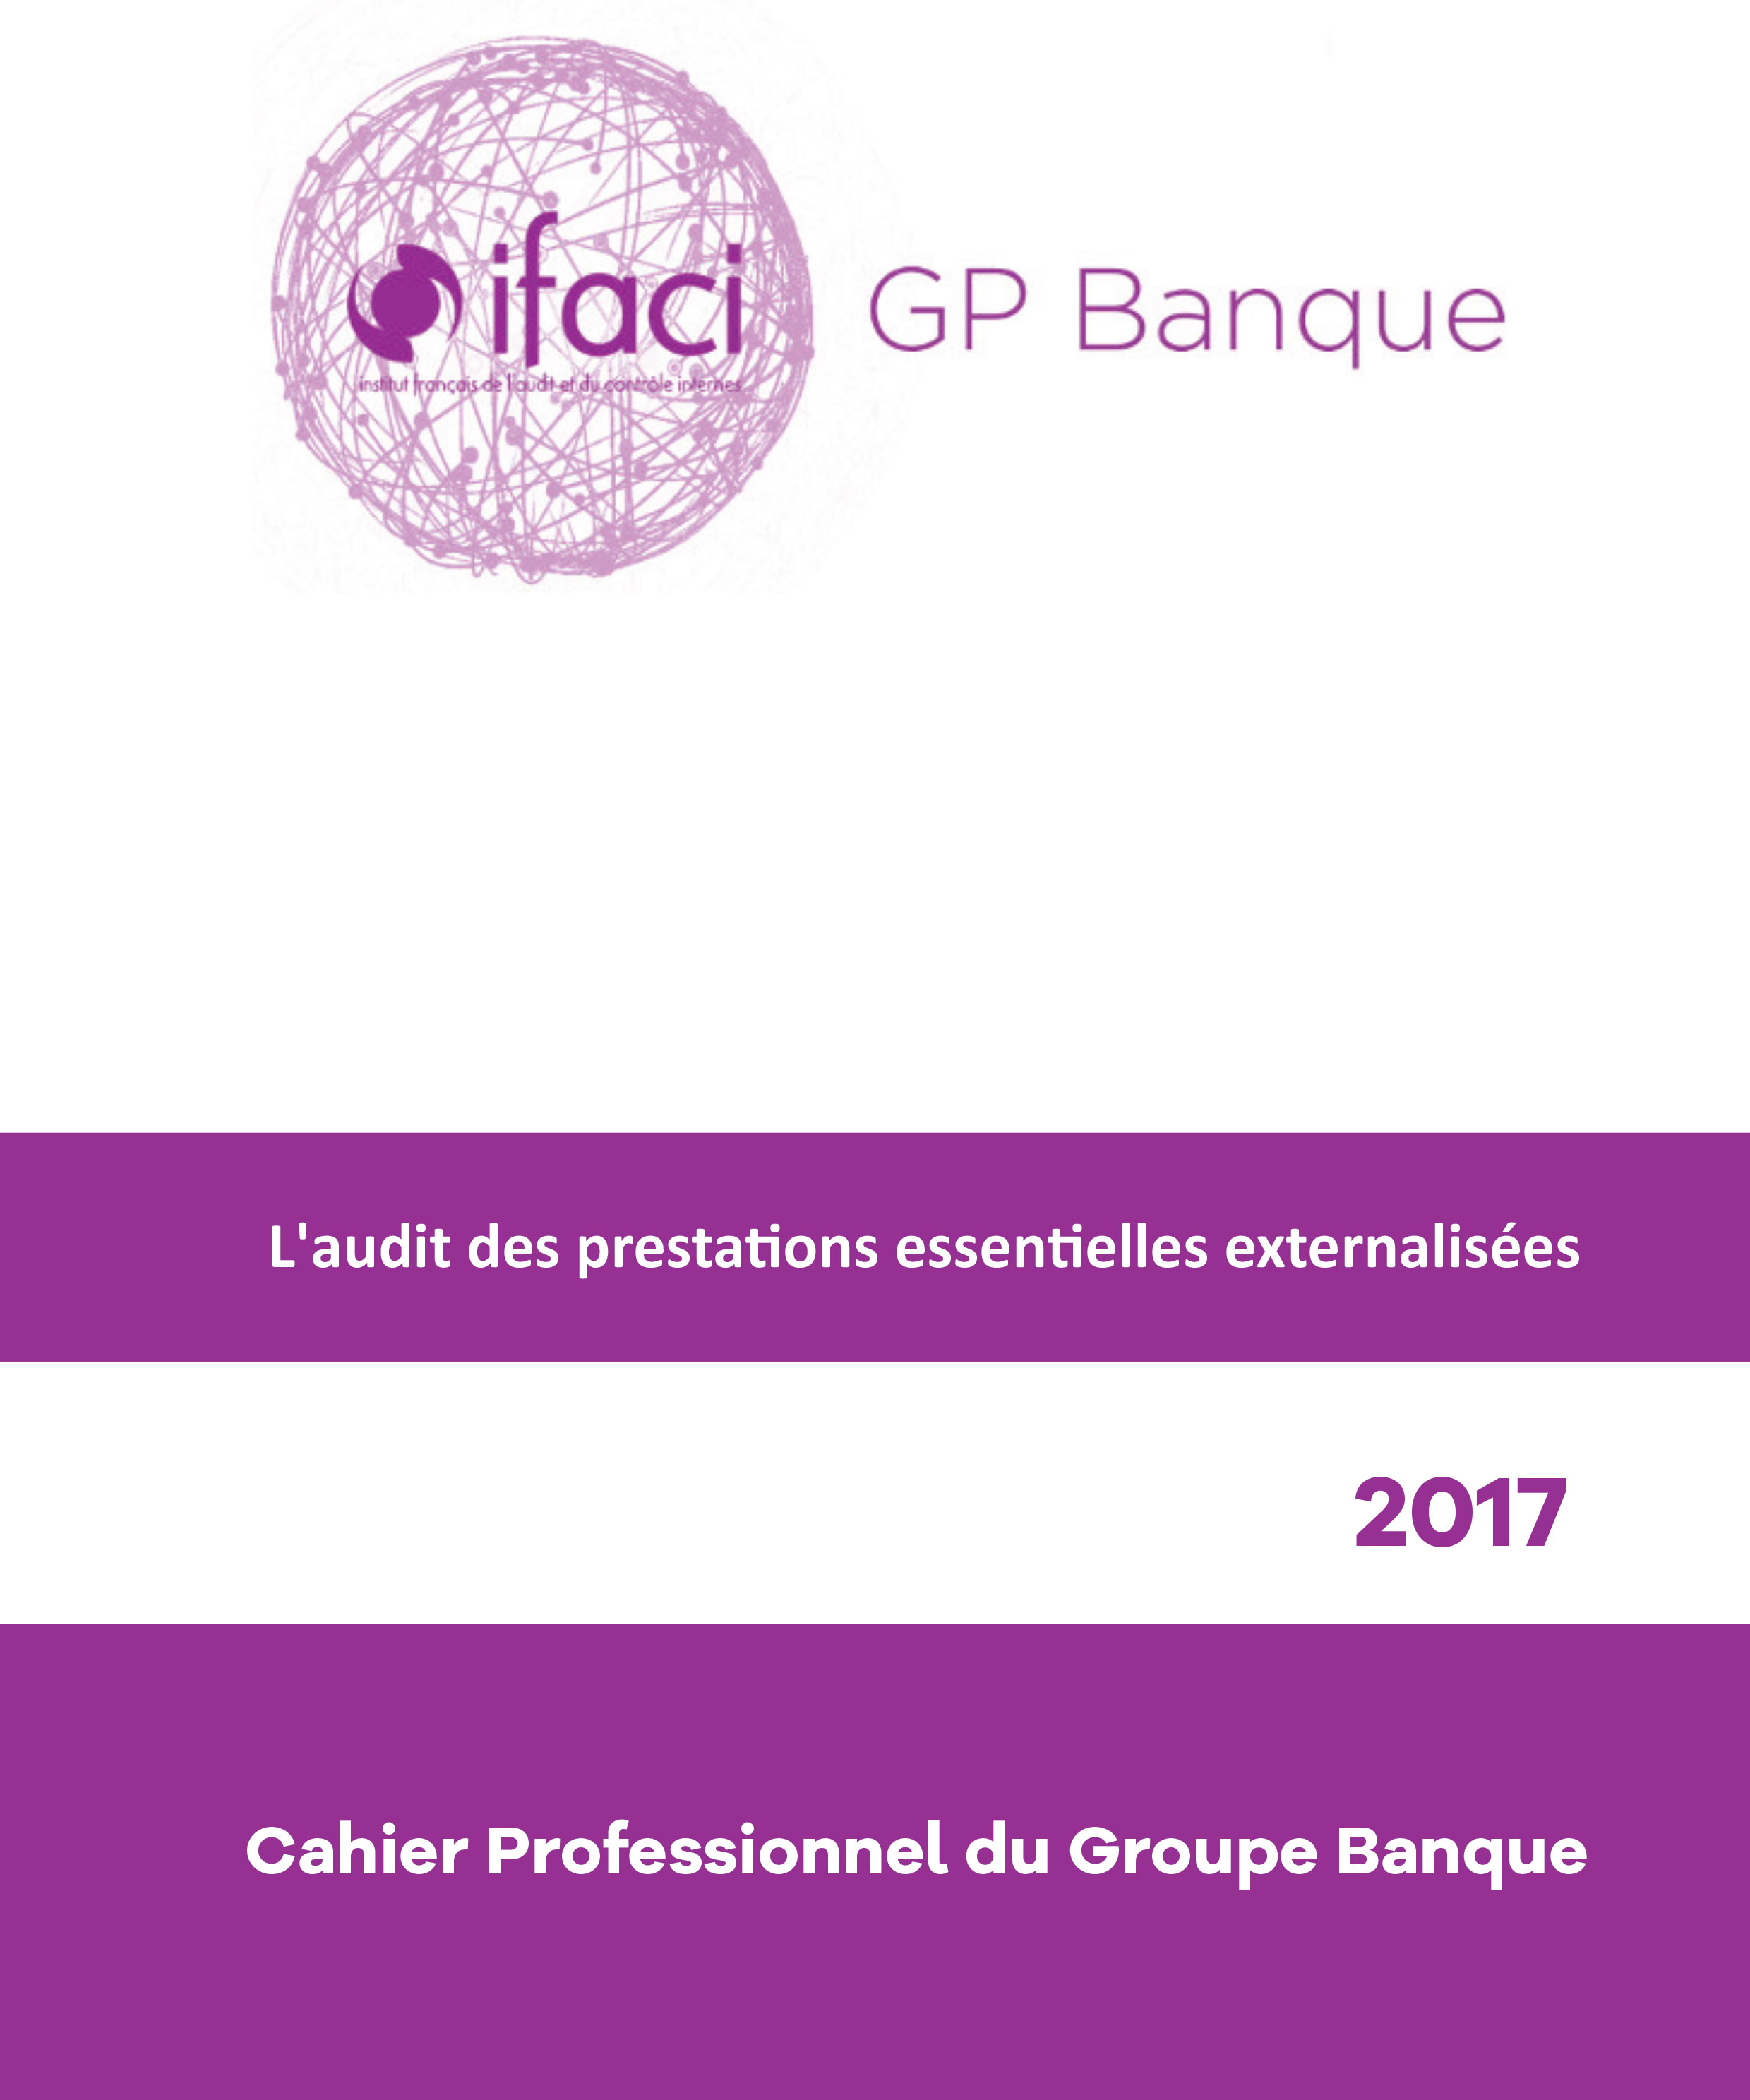 L'audit des prestations essentielles externalisées : nouveau document du groupe professionnel Banque  de l'IFACI